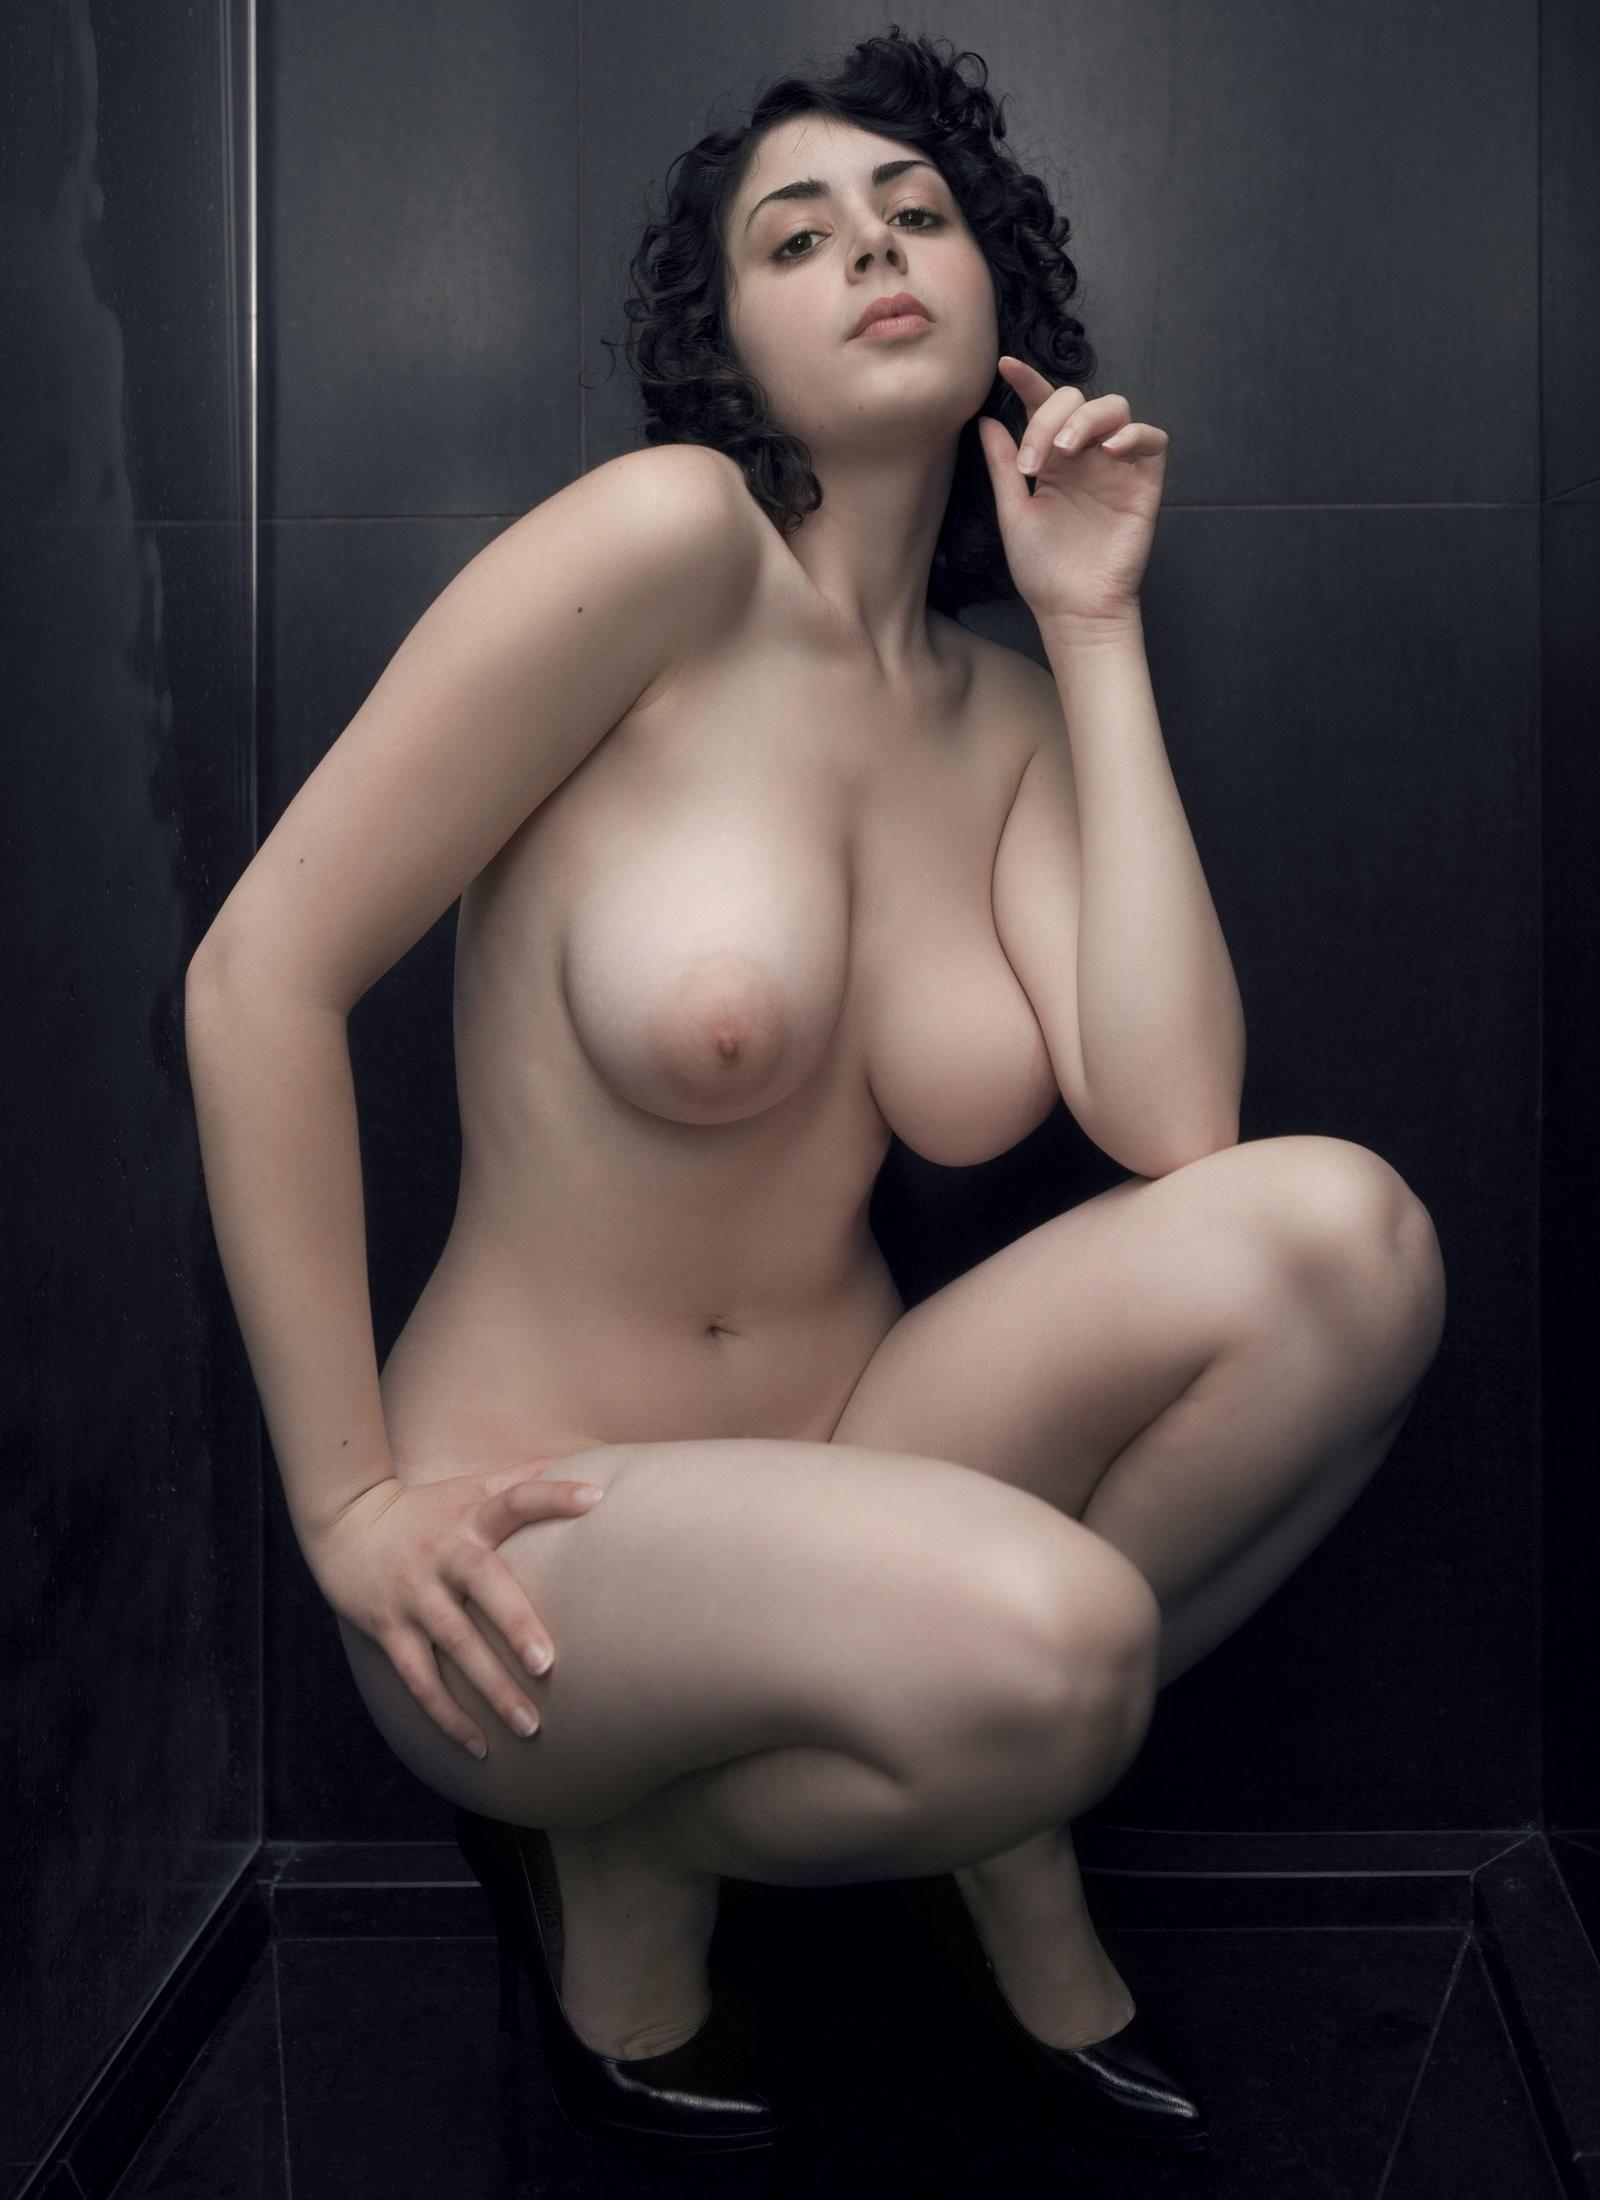 skinny asian girls naked